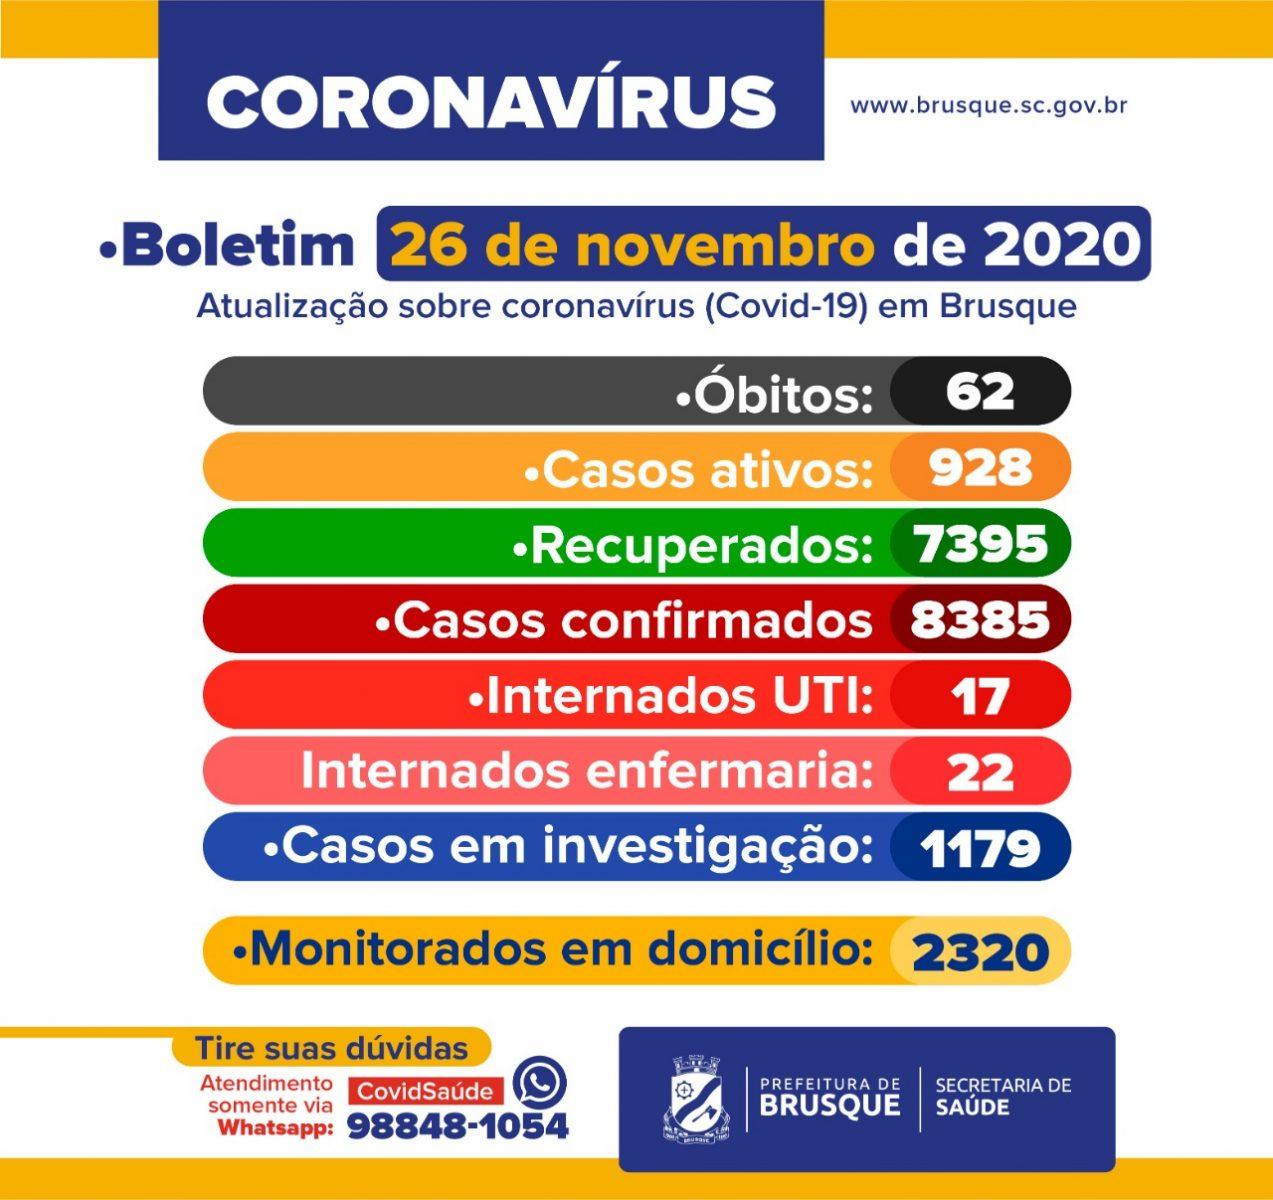 COVID-19: Boletim epidemiológico de 26 de novembro